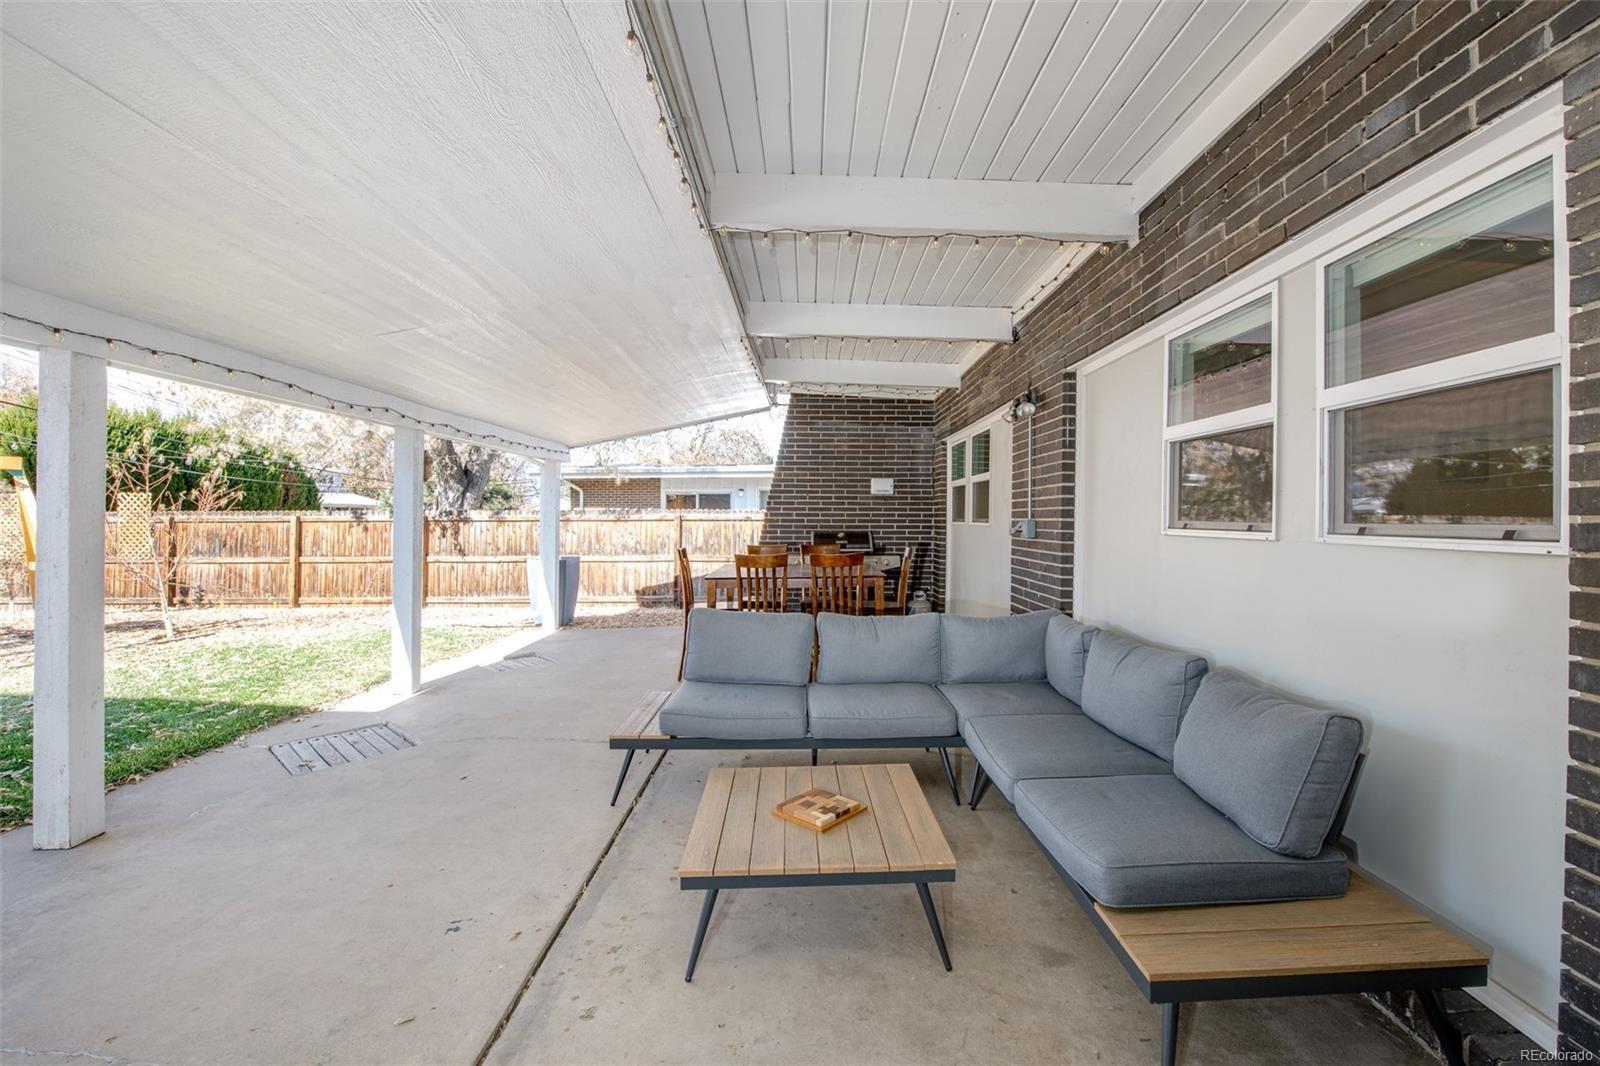 MLS# 4148317 - 20 - 5995 S Clarkson Street, Centennial, CO 80121